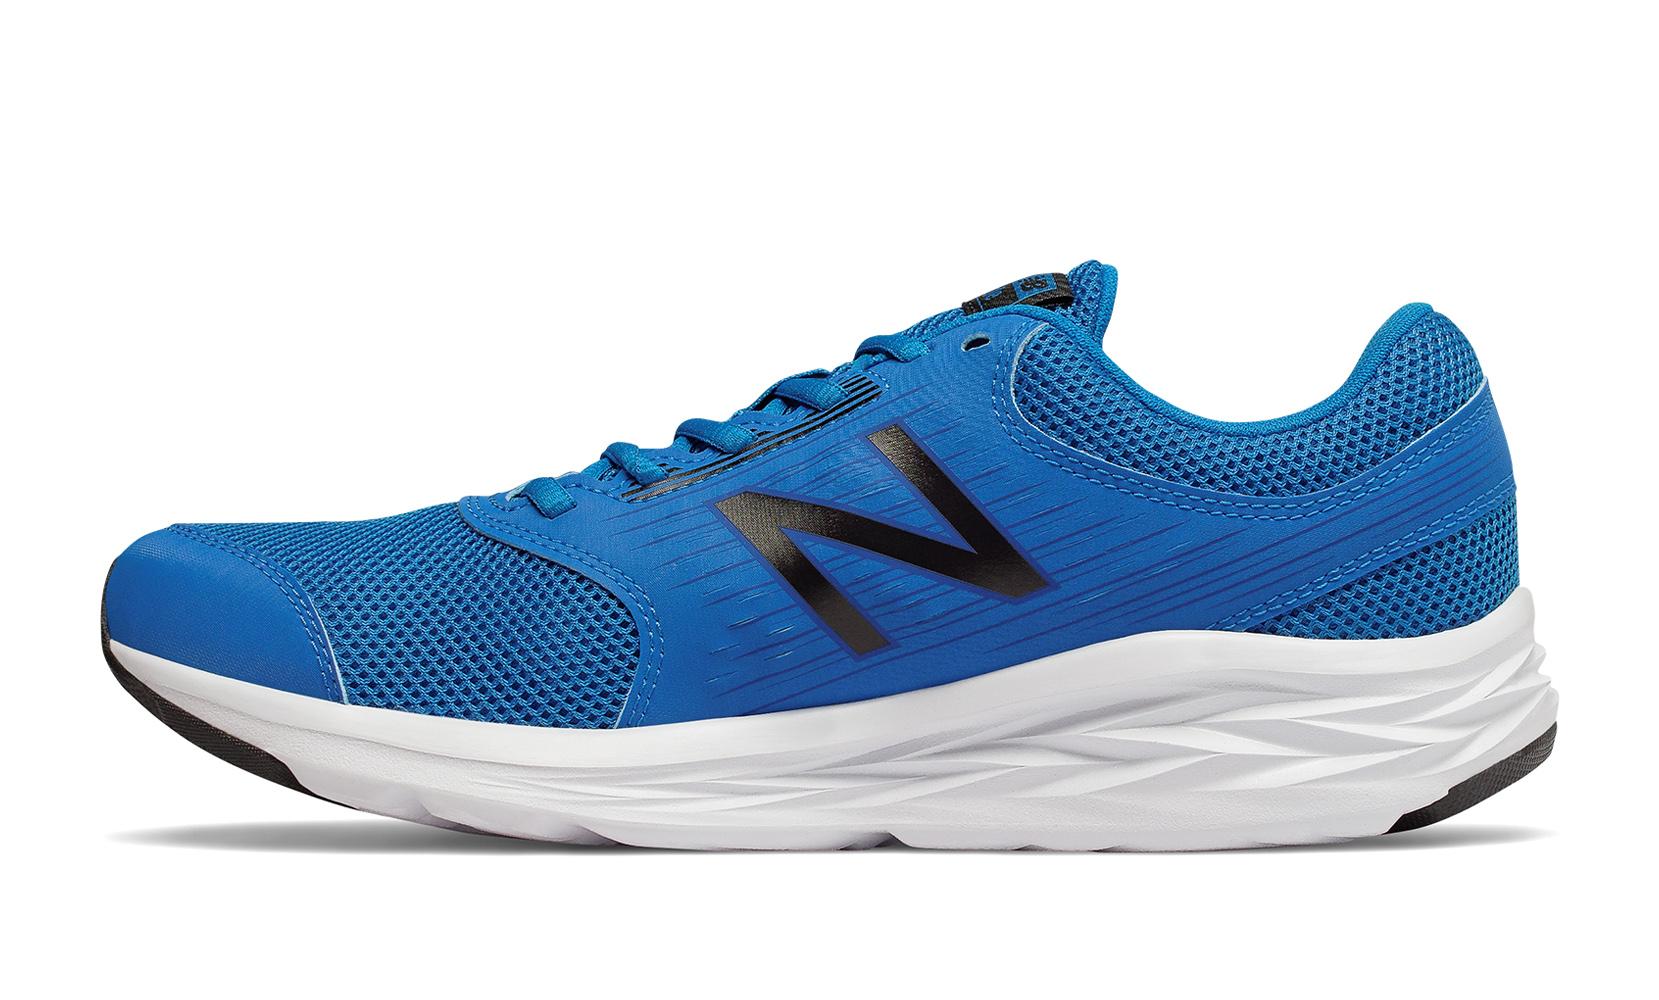 Чоловіче взуття для бігу New Balance 411 TechRide v1 M411LR1 | New Balance